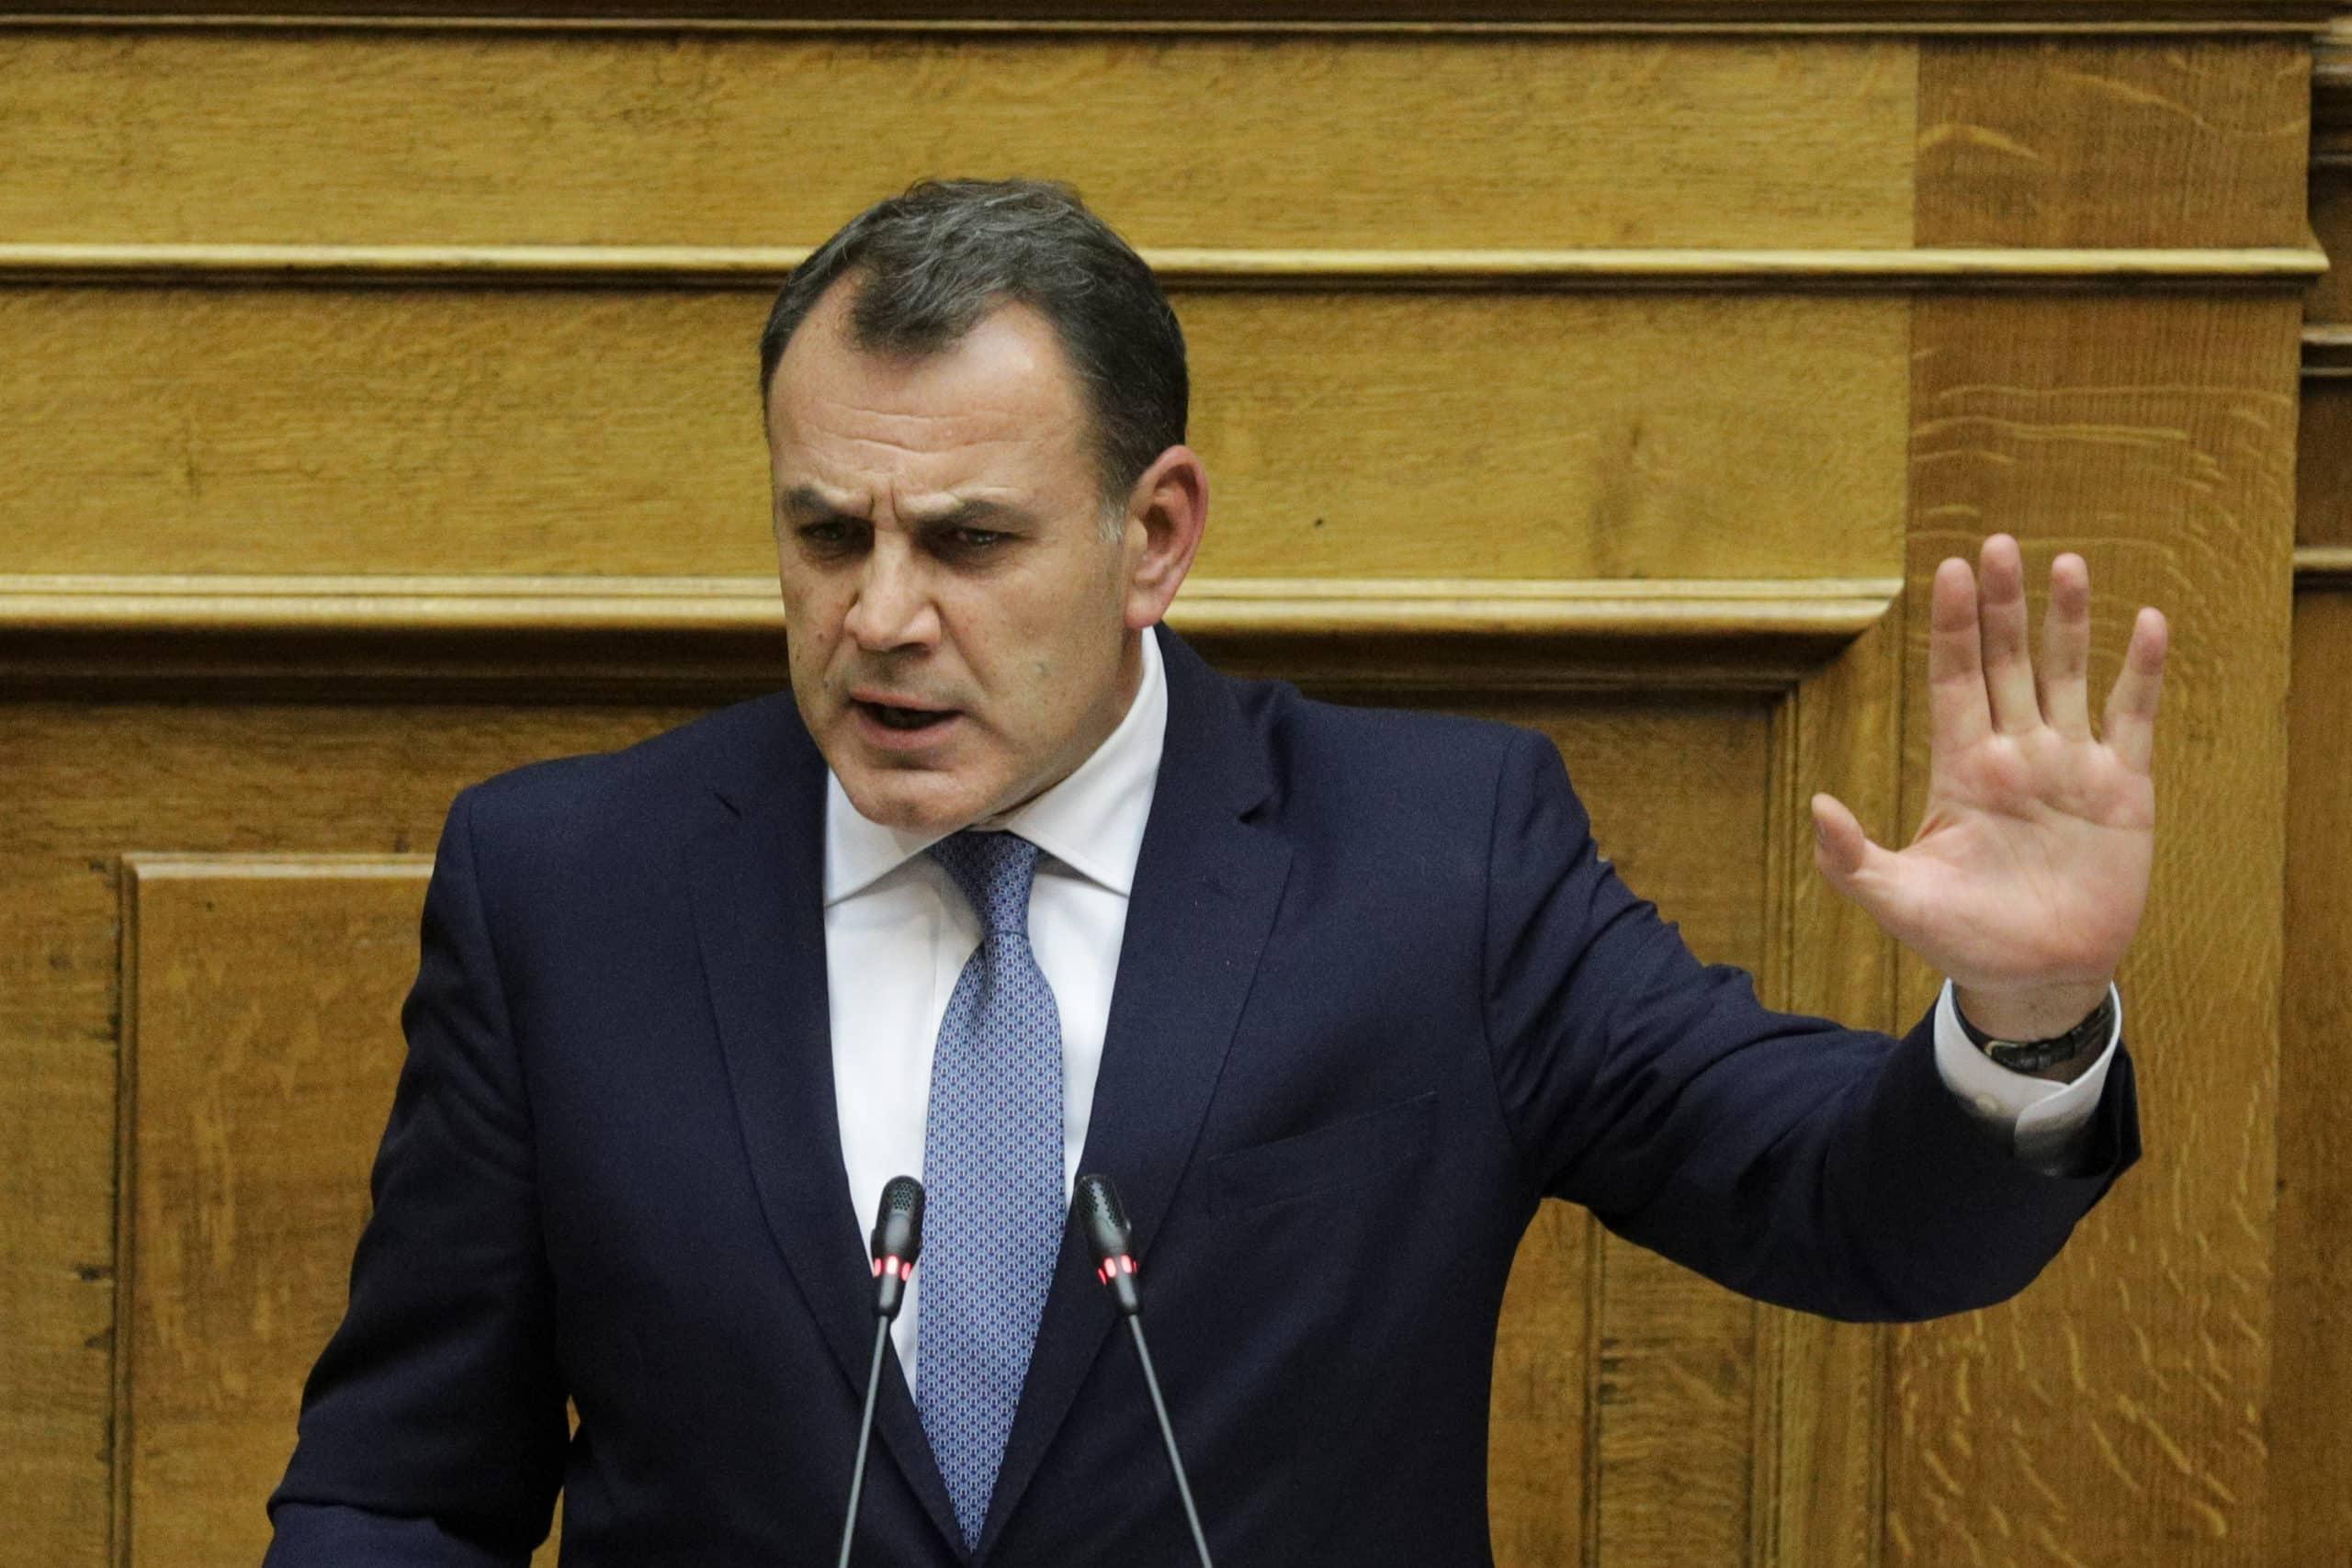 Στόλος Κρήτης: Τι είπε ο ΥΕΘΑ για το Ναύσταθμο Σούδας Καυγάς ΥΕΘΑ - ΣΥΡΙΖΑ για τη NAVTEX του Λιμενικού στο Καστελόριζο Νυχτερινή αποζημίωση Παναγιωτόπουλος: Η Ελλάδα δεν θα εμπλακεί στρατιωτικά στη Λιβύη δηλώνει ο υπουργός Εθνικής Άμυνας παρά τις δηλώσεις του ΥΠΕΞ Νίκου Δένδια Παναγιωτόπουλος: Το ΥΠΕΘΑ θα υπερασπίζεται την εσωτερική ασφάλεια